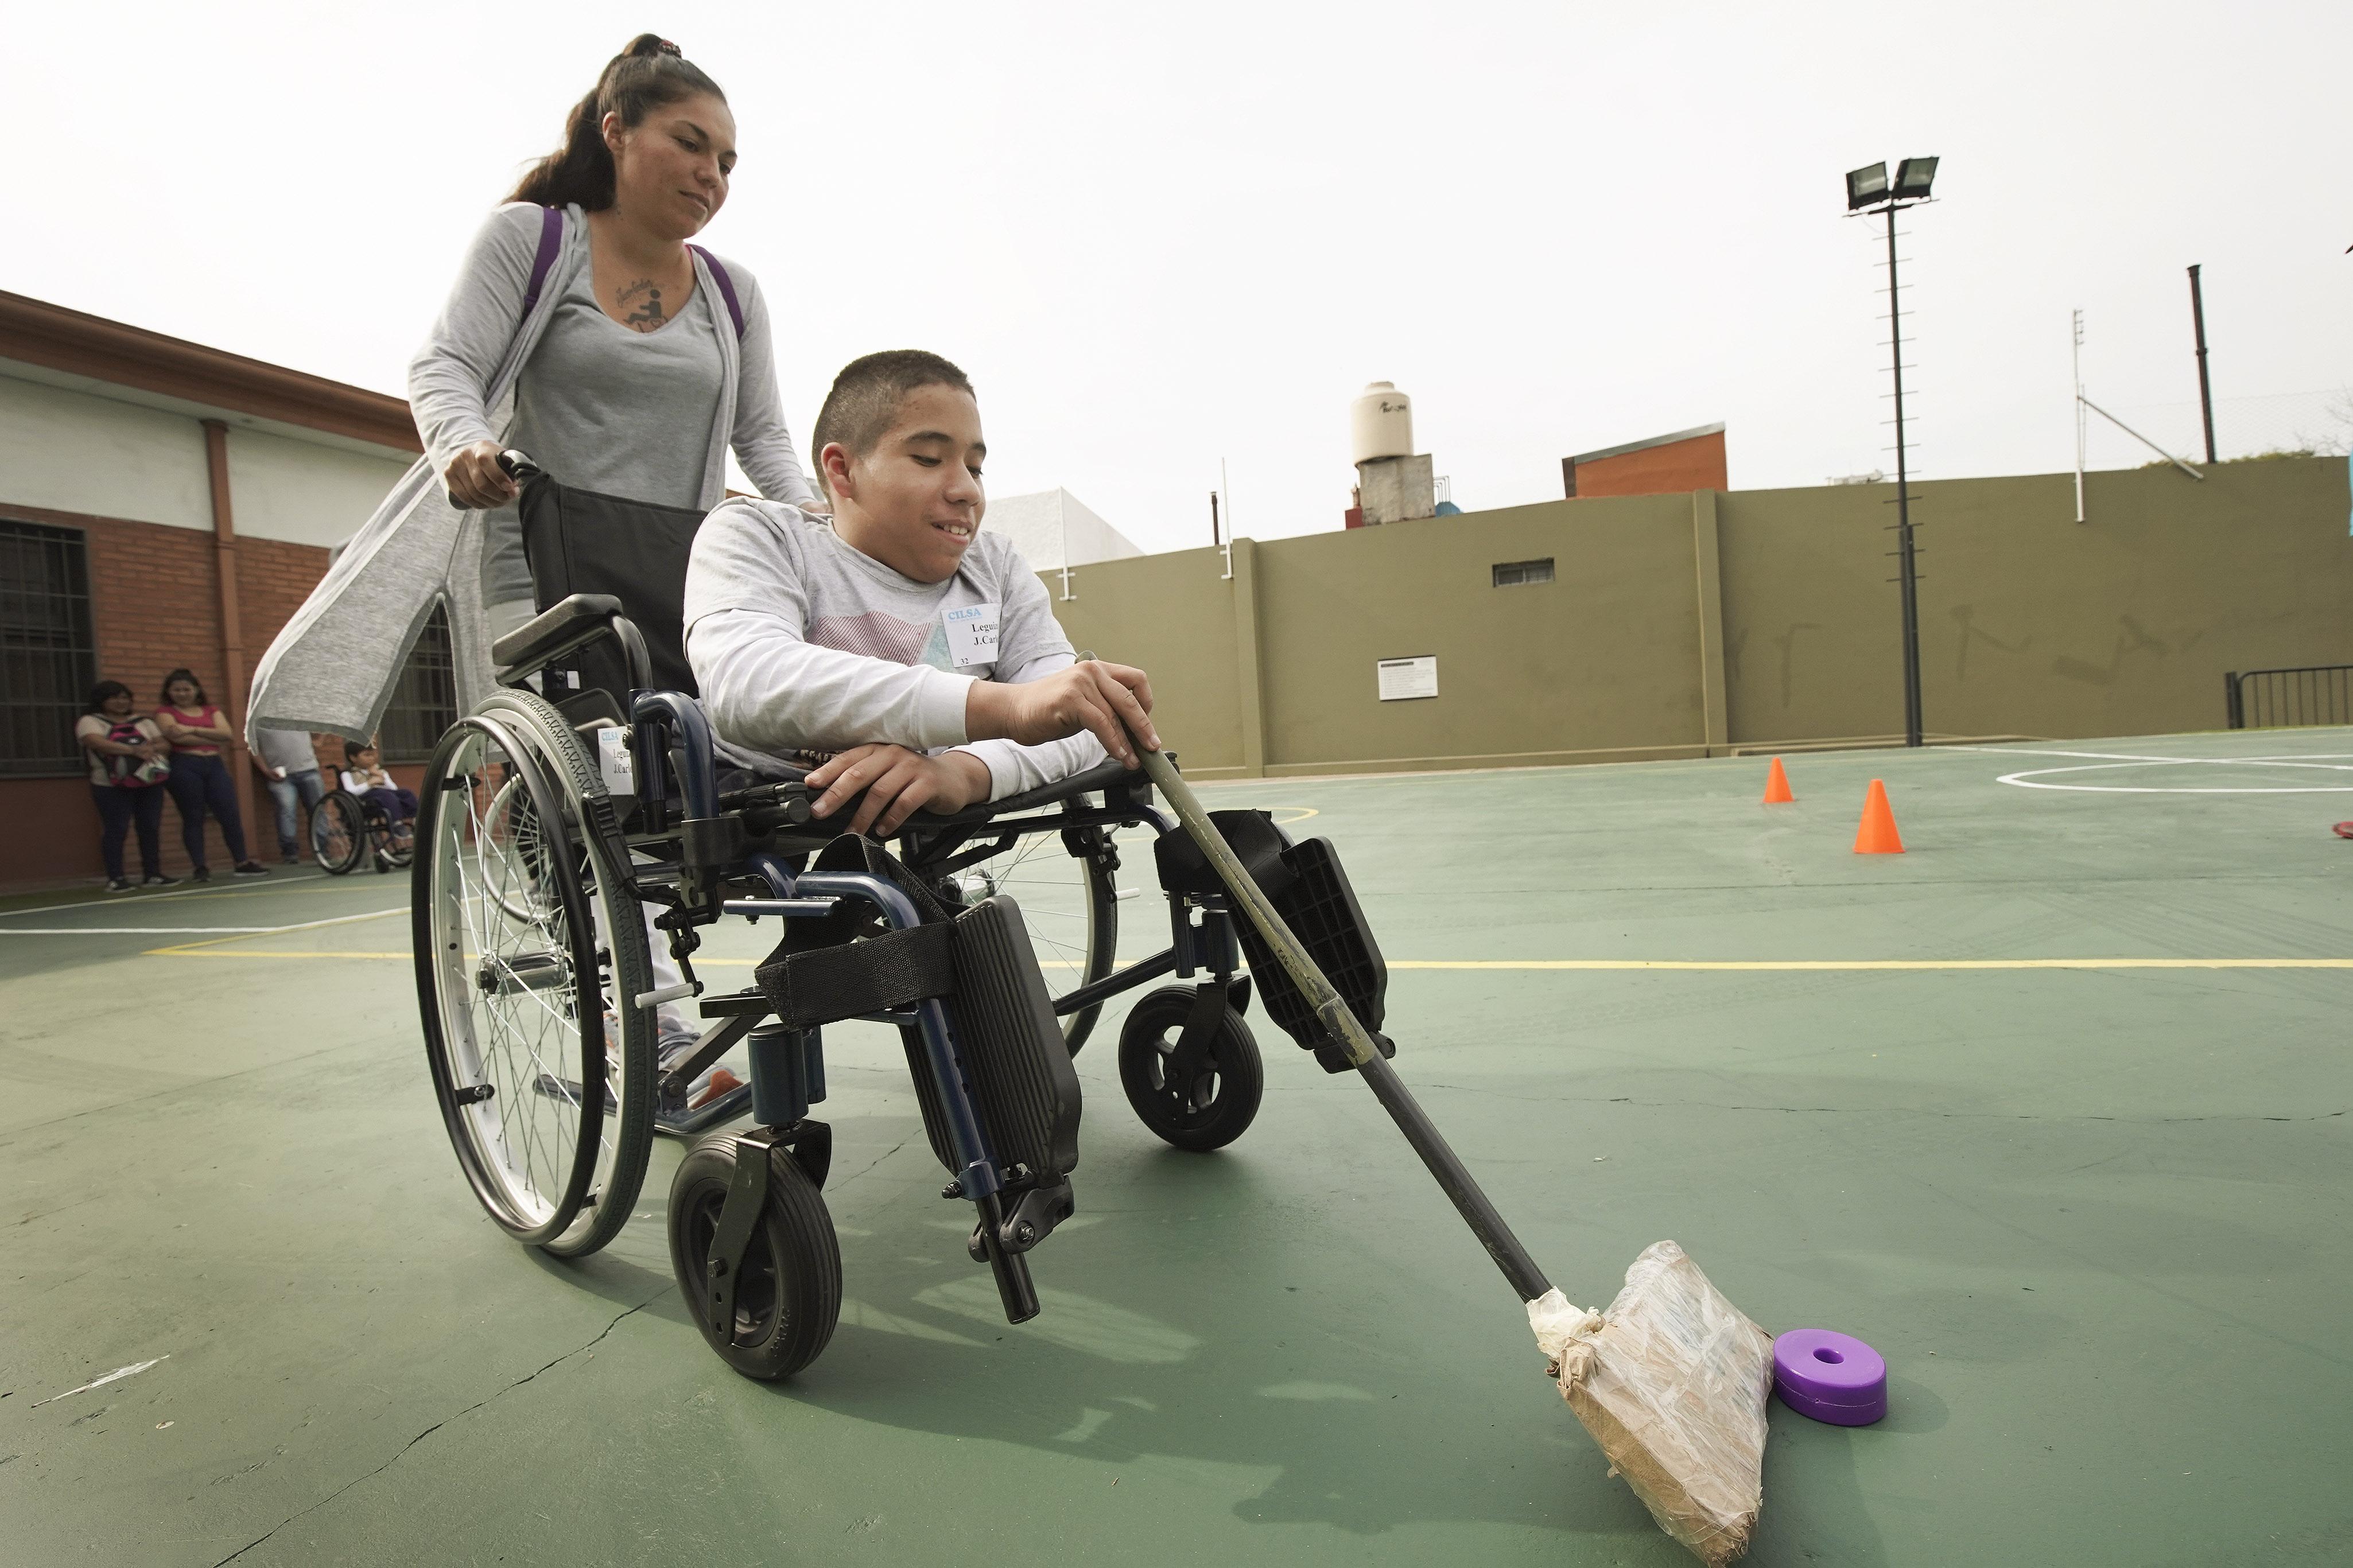 Juan Carlos Loza juega un juego con la ayuda de su madre, Paola Loza, después de que Latter-day Saint Charities le donara una silla de ruedas en el centro de reuniones del Barrio de Villa Urquiza en Buenos Aires, Argentina, el miércoles, 28 de agosto de 2019.